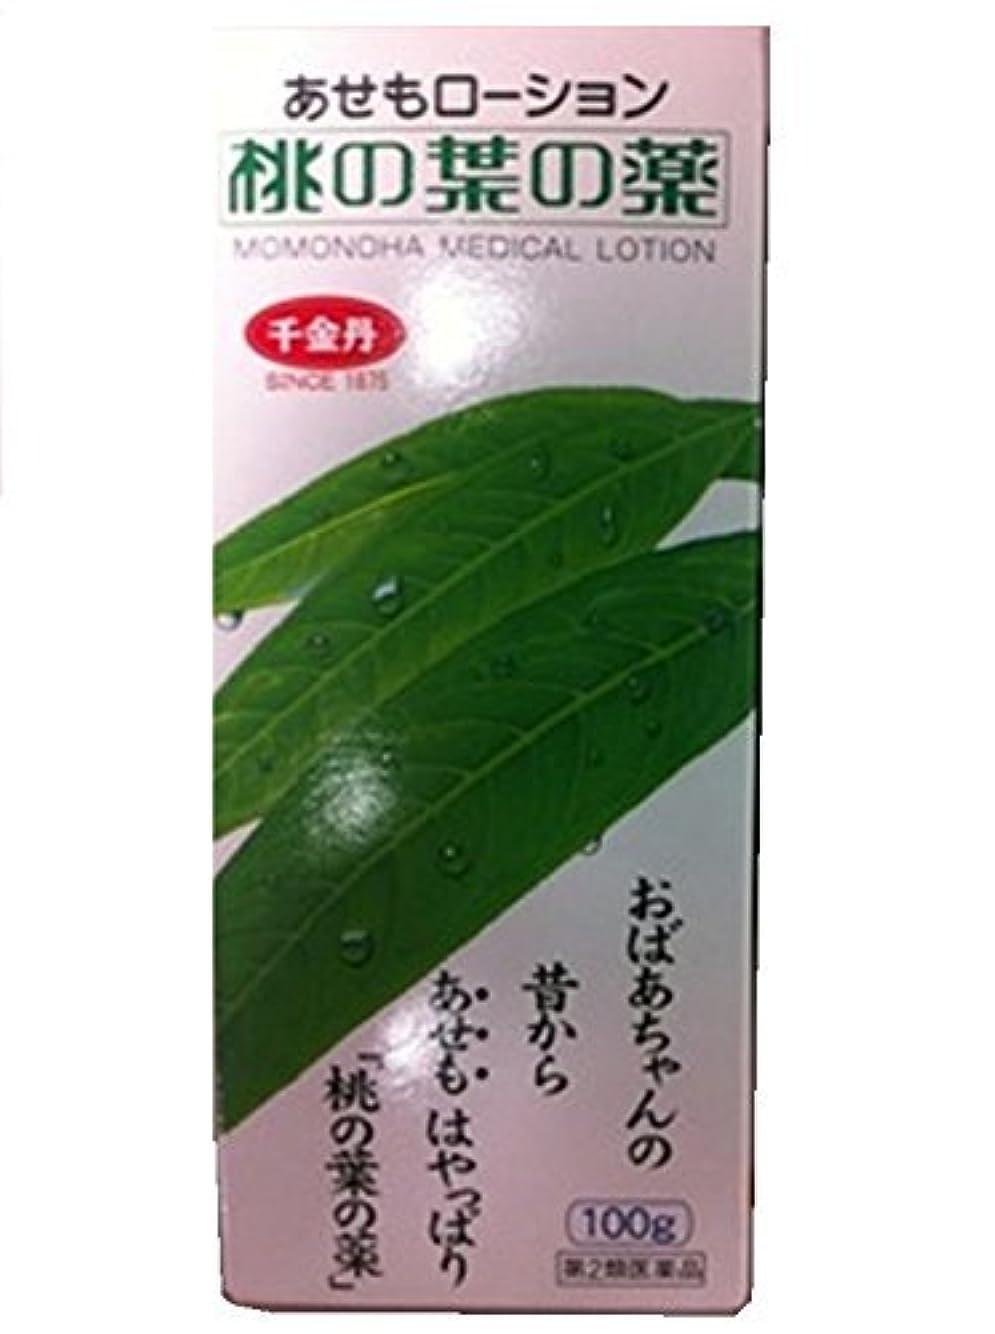 台風フェードエキスあせもローション 桃の葉の薬 100g [第2類医薬品]